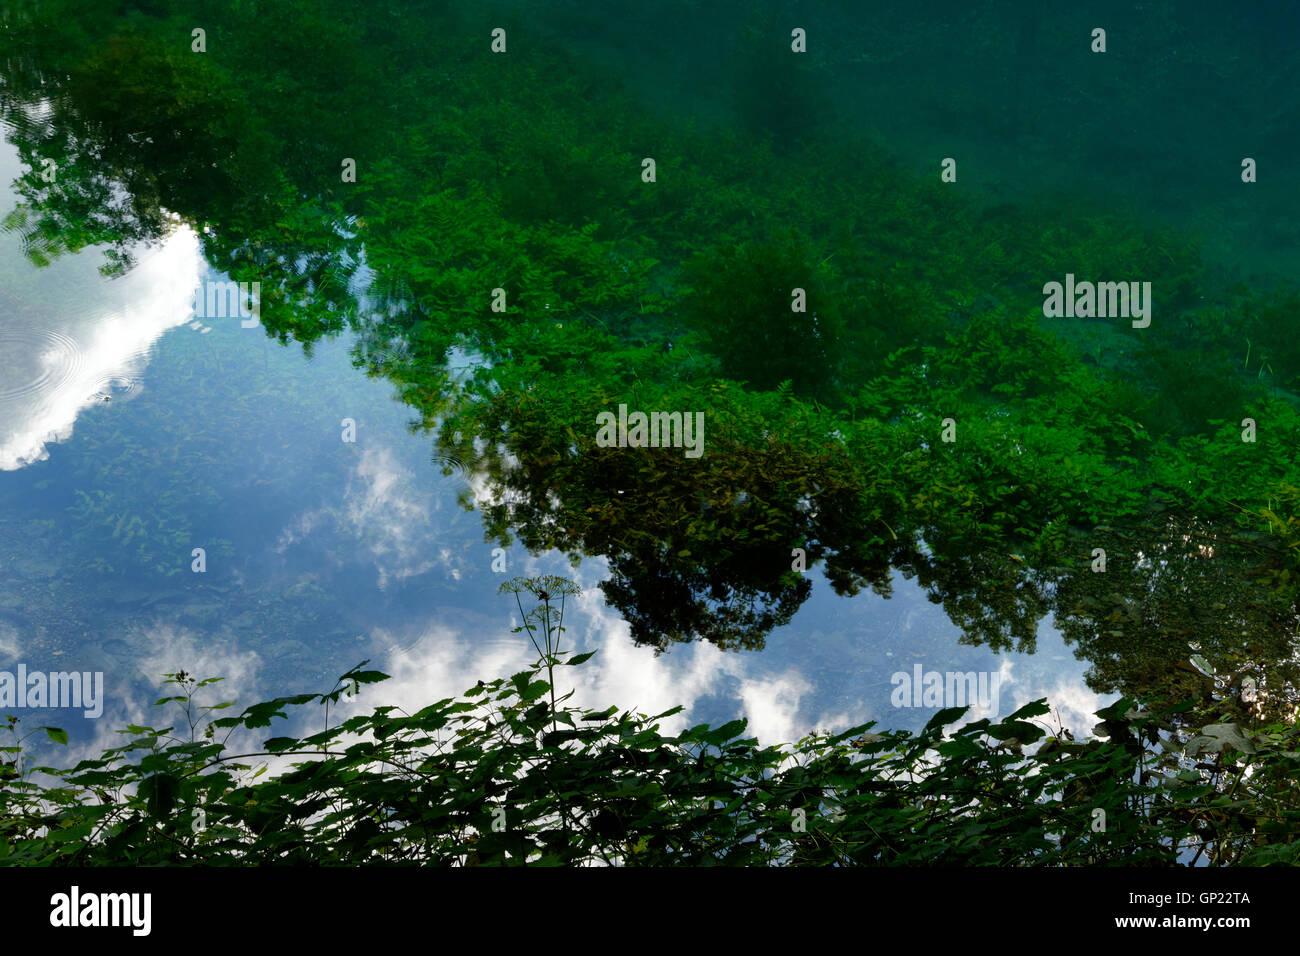 Karstquelle Blautopf in Blaubeuren, schwäbischen Alb, Baden-W?rttemberg, Deutschland, Europa Stockbild